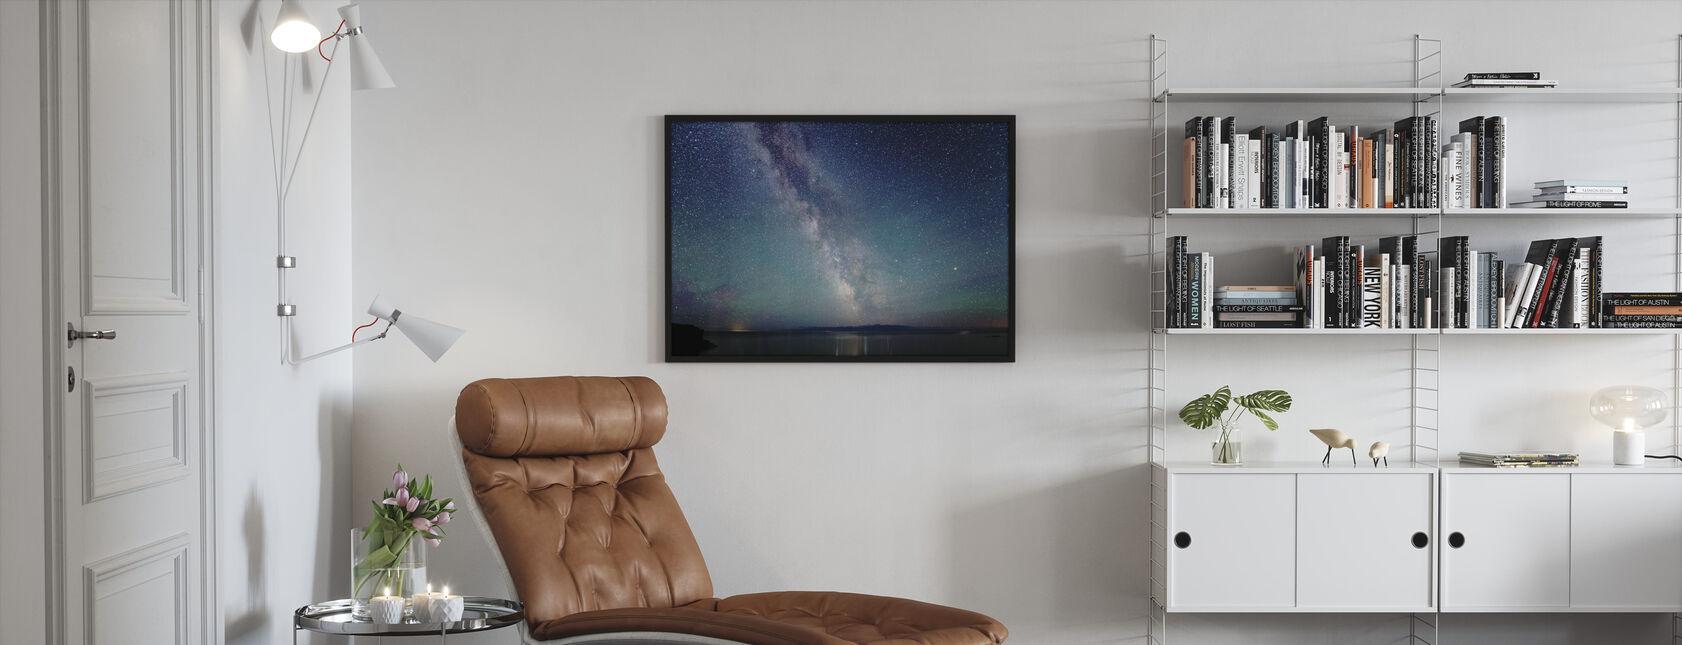 Milchstraße Nachthimmel - Gerahmtes bild - Wohnzimmer